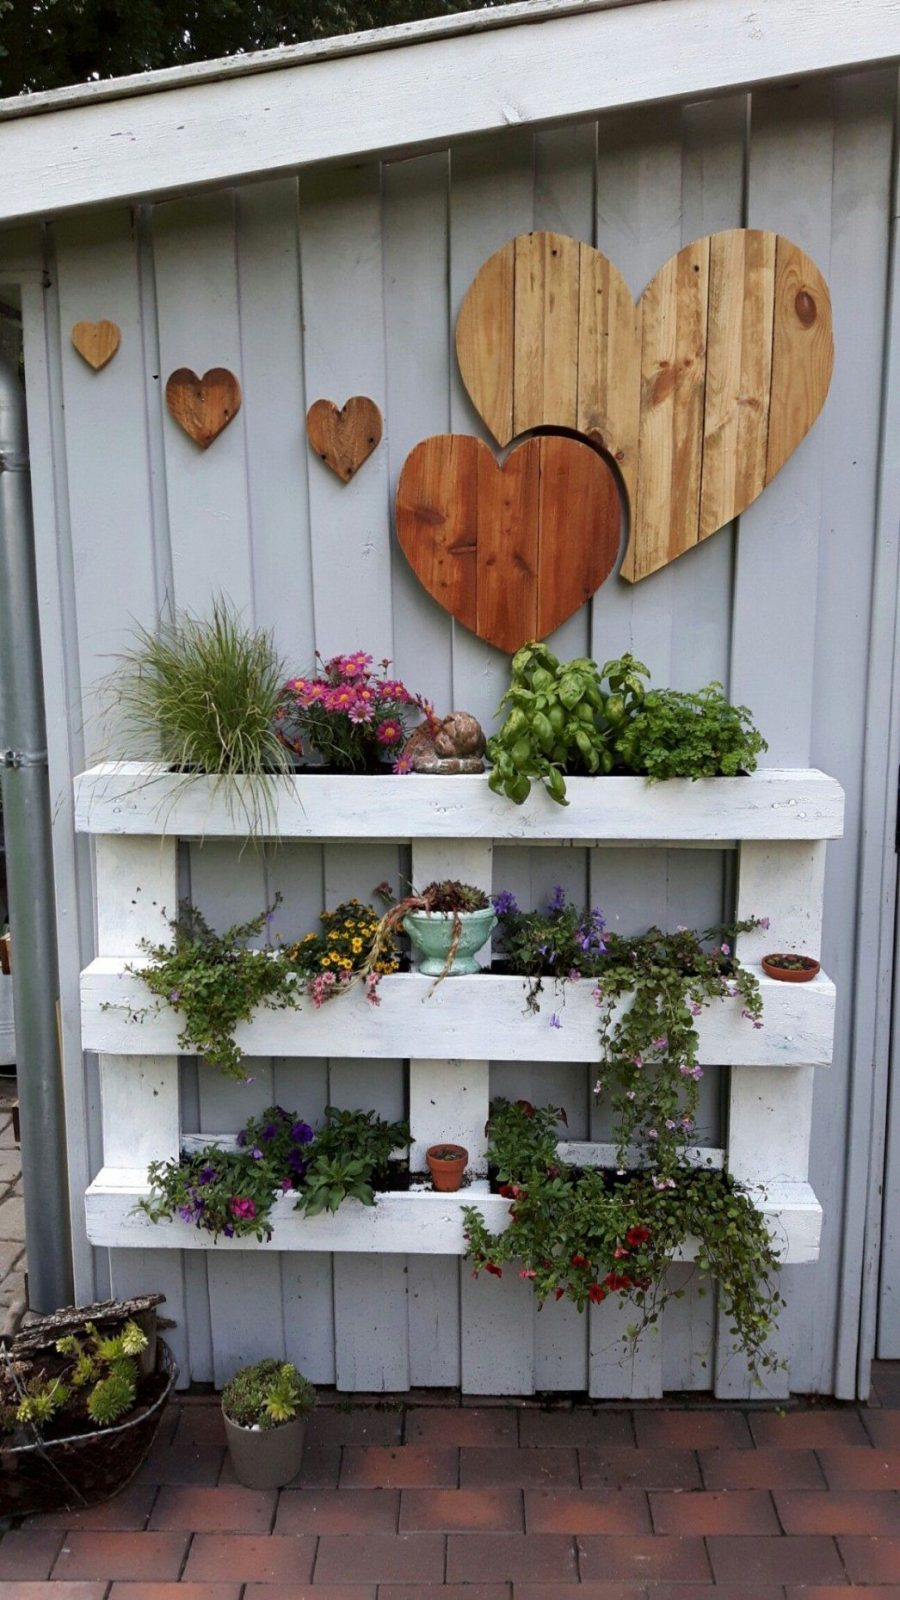 Perfekt Beste Loungemöbel Für Den Garten Für Balkon Gestalten Mit Wenig Geld Von Balkon  Gestalten Mit Wenig Geld Photo